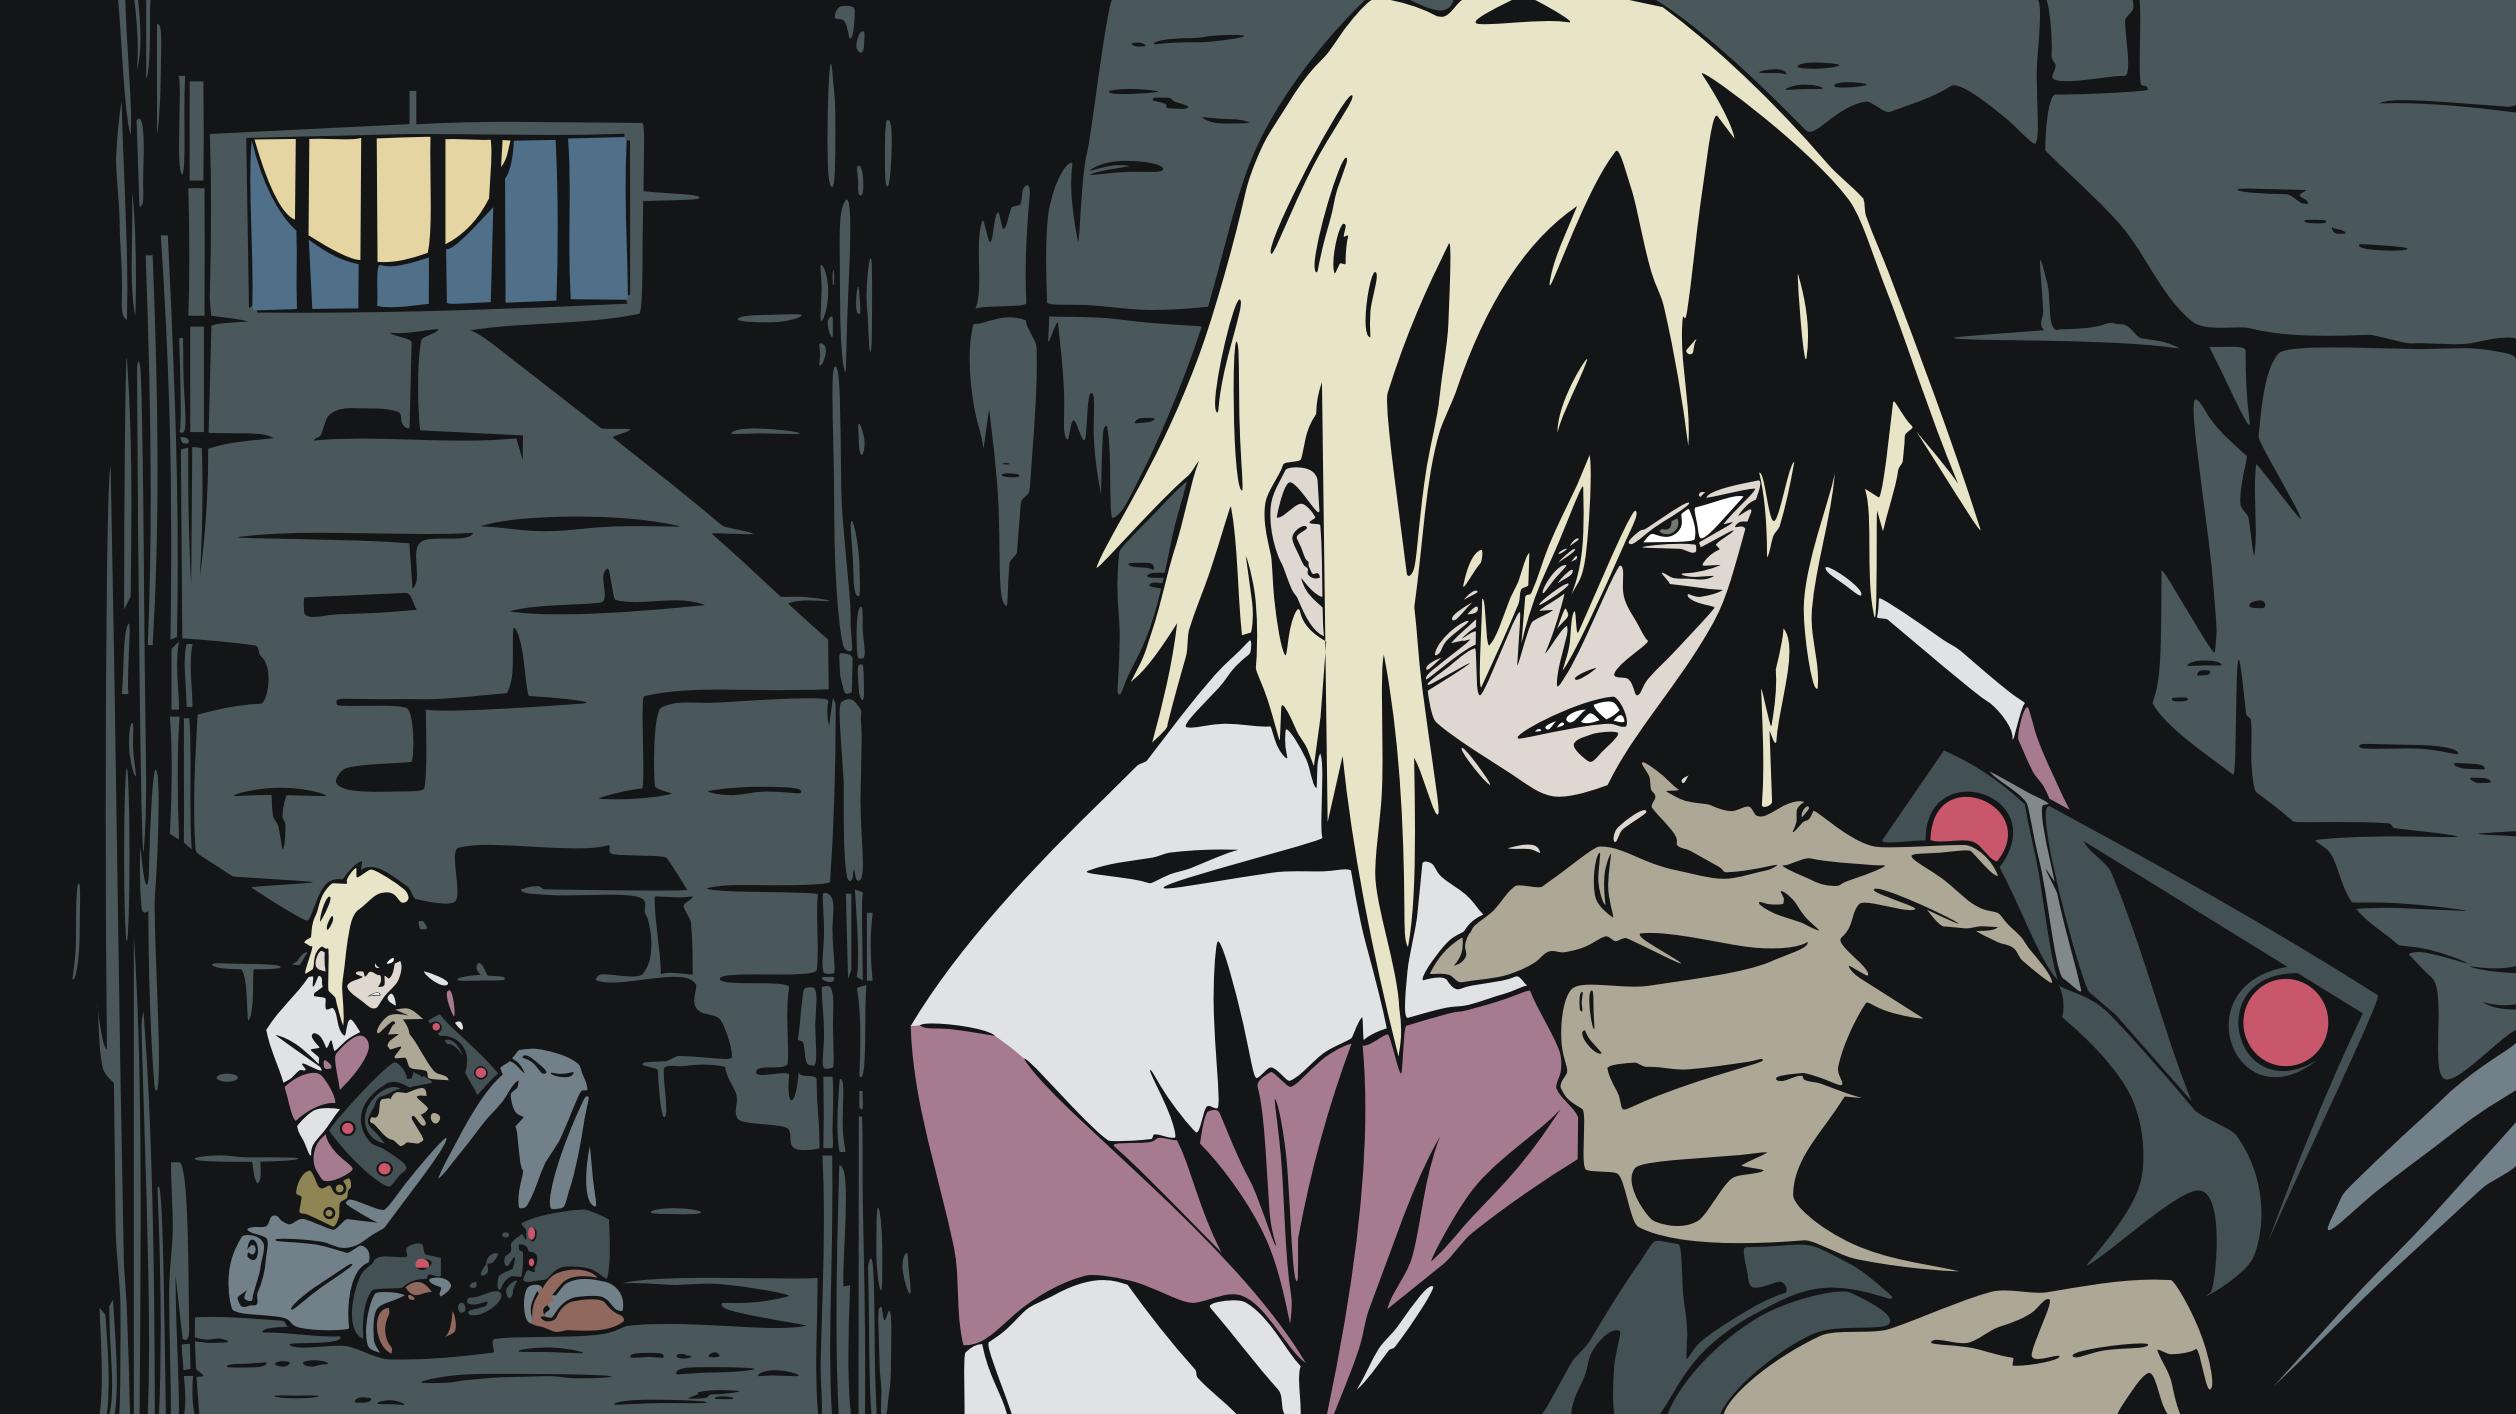 Wallpaper Ilustrasi Anime Gambar Kartun Tengen Toppa Gurren